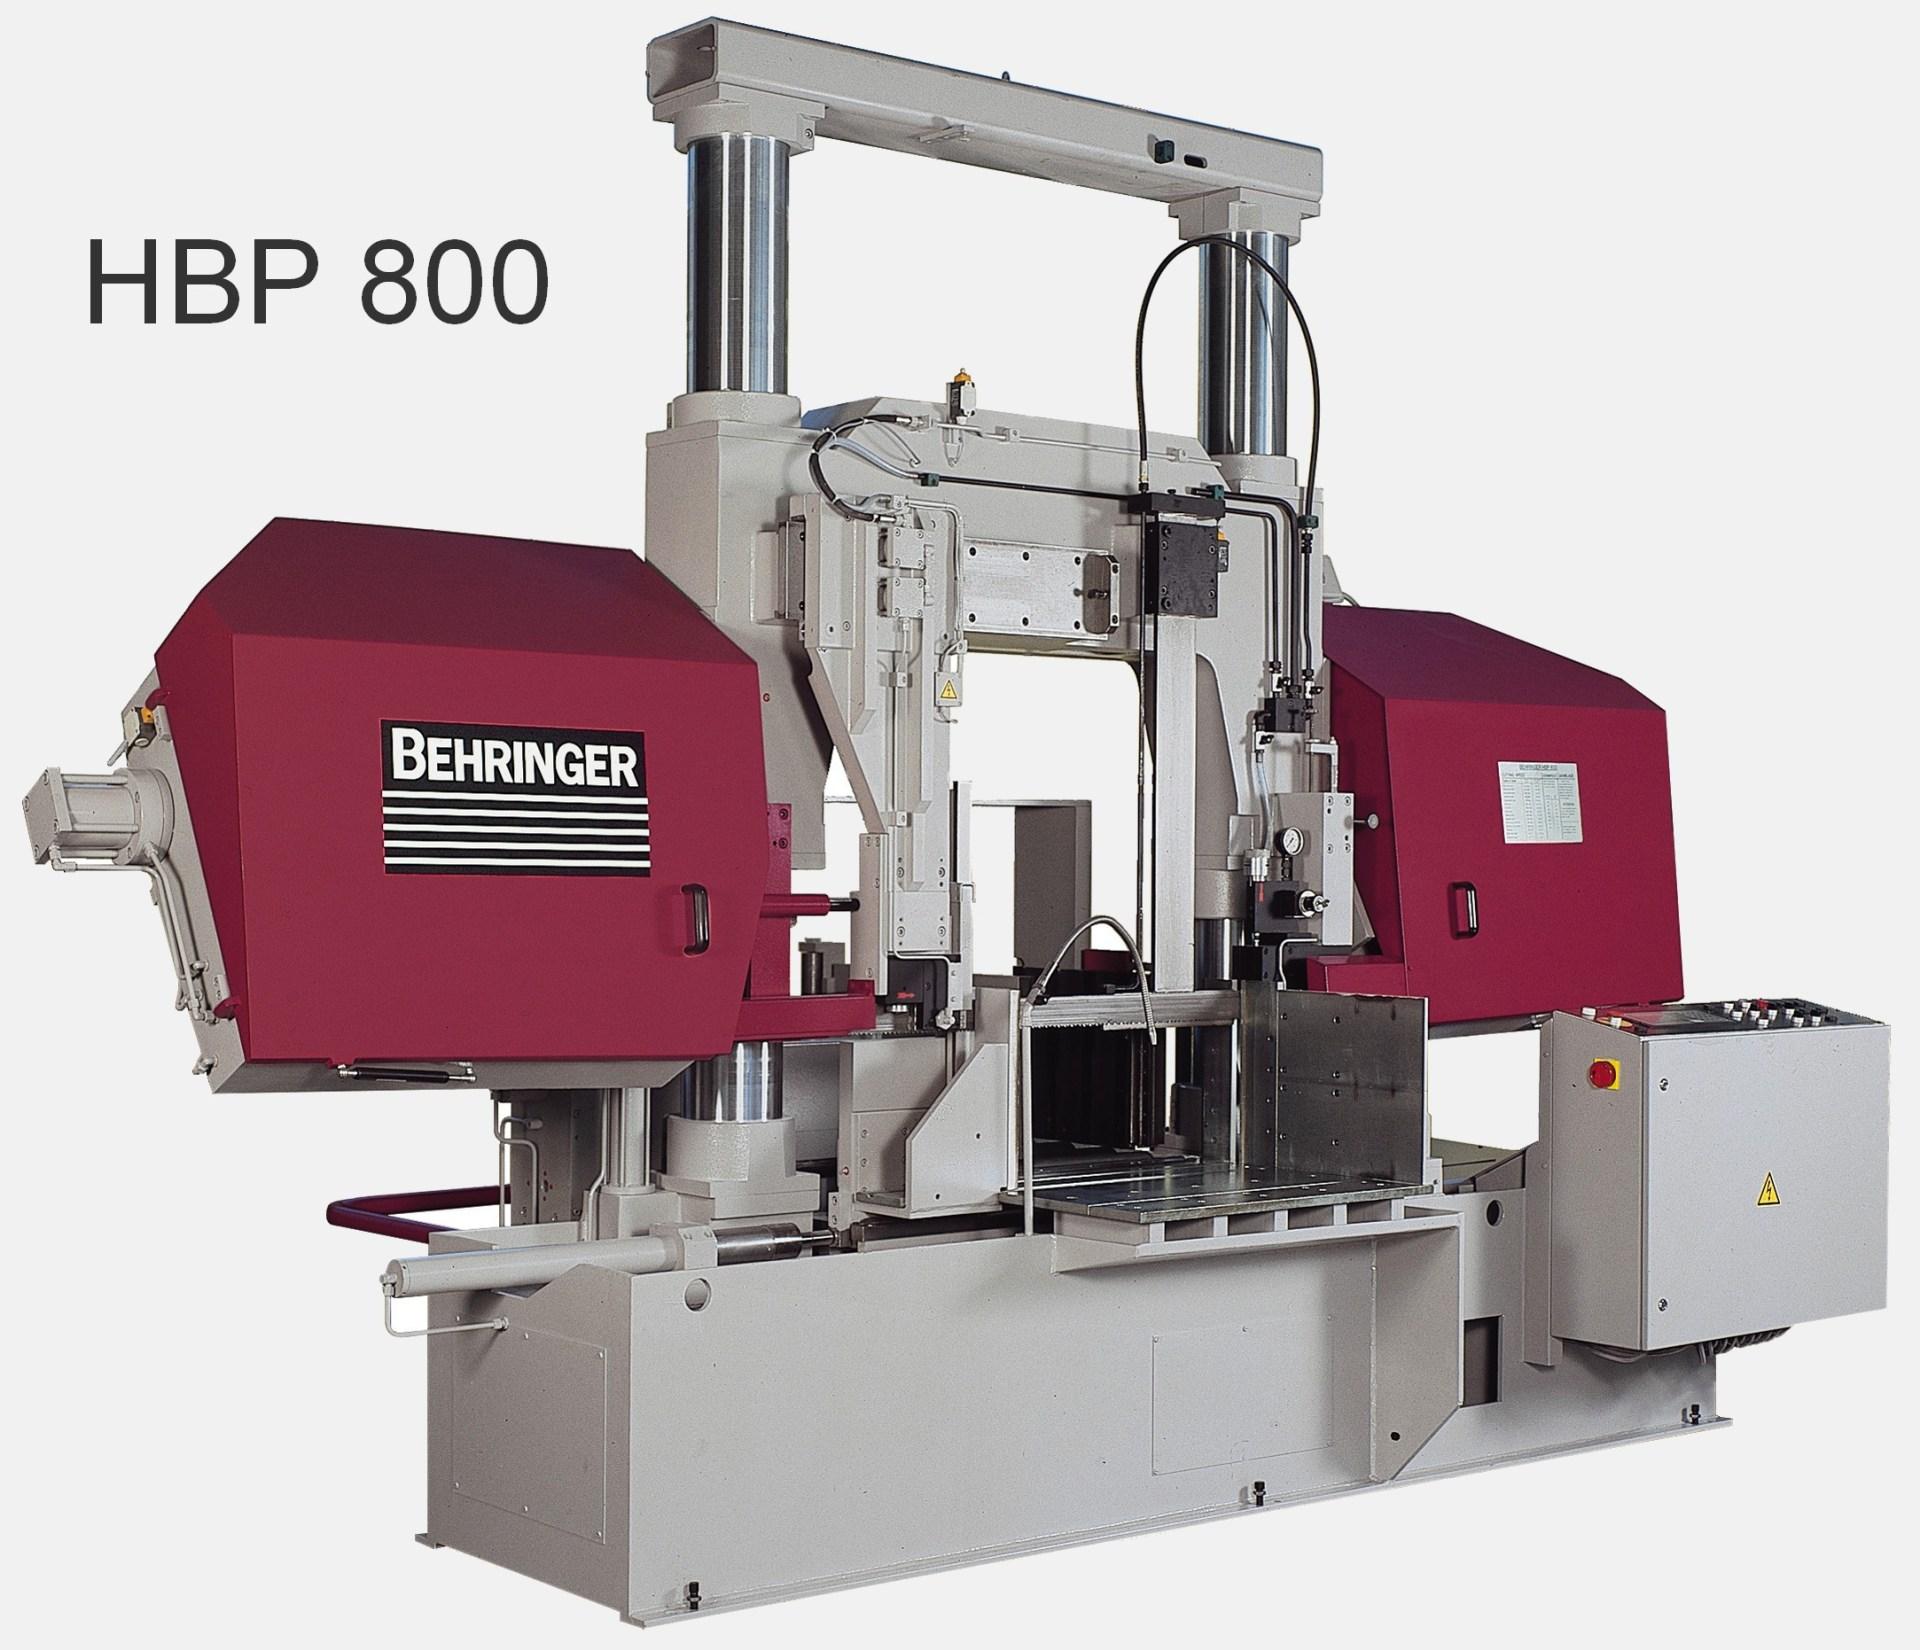 HBP 800